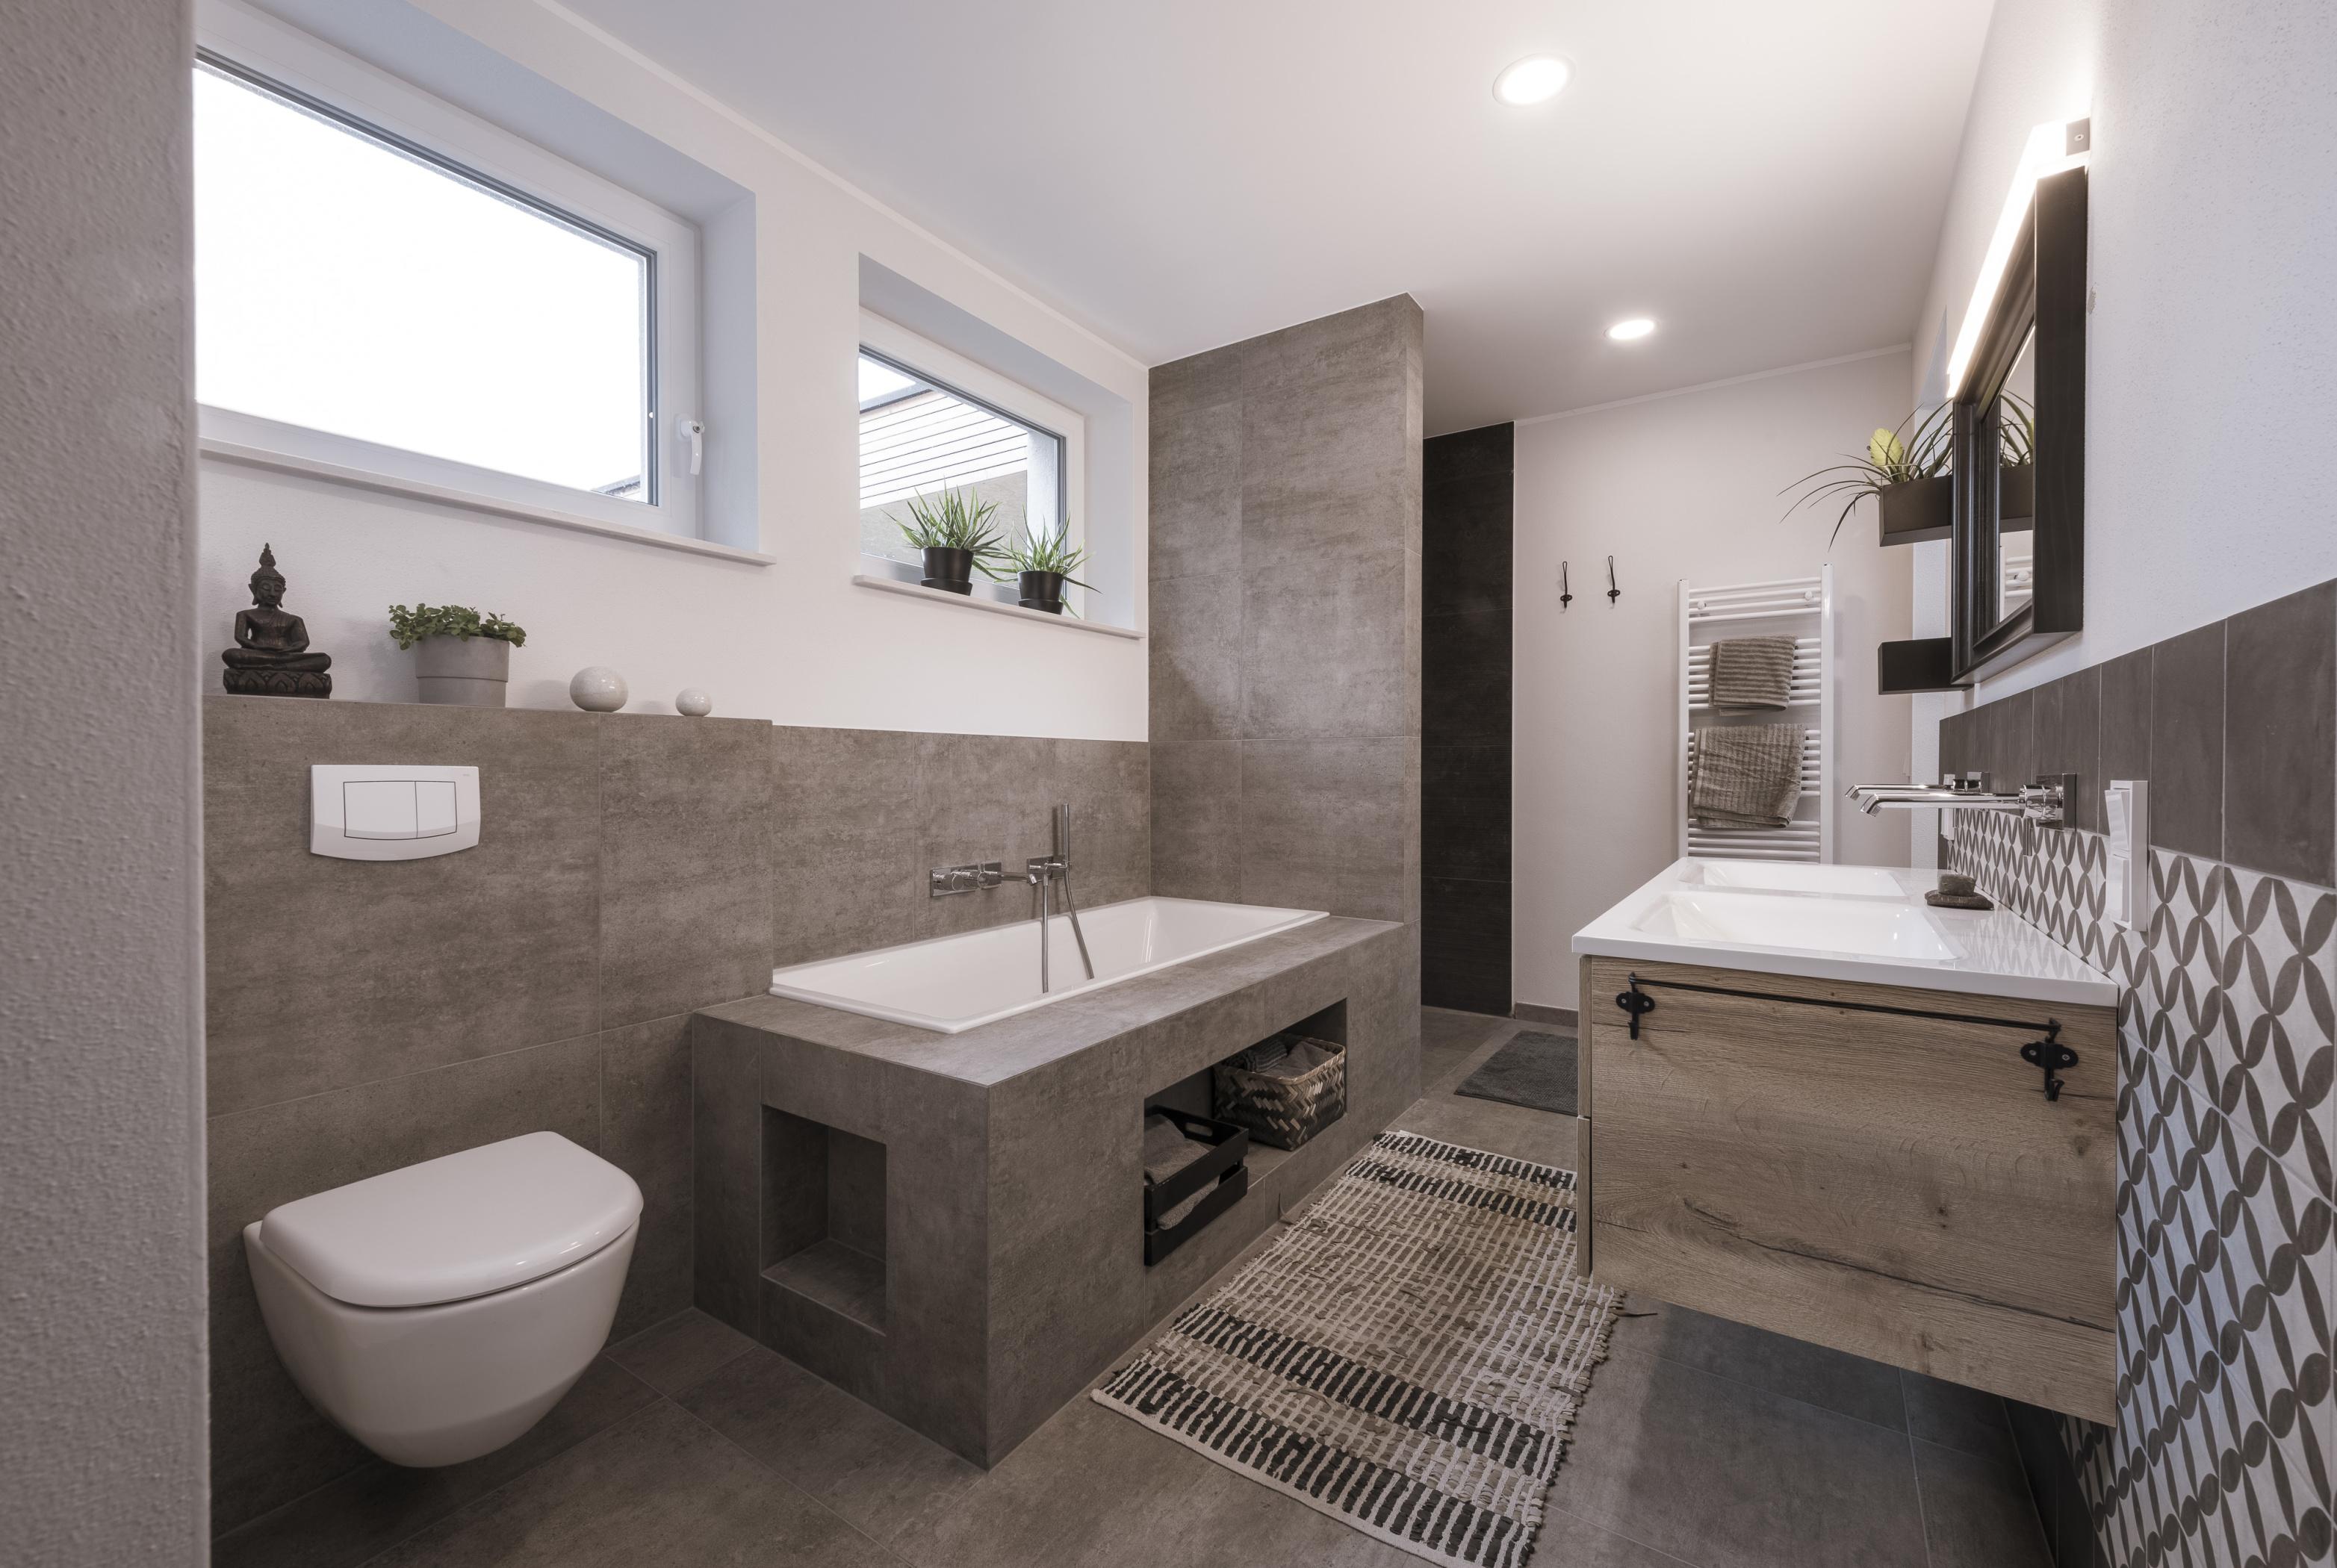 Bad und Sanitär